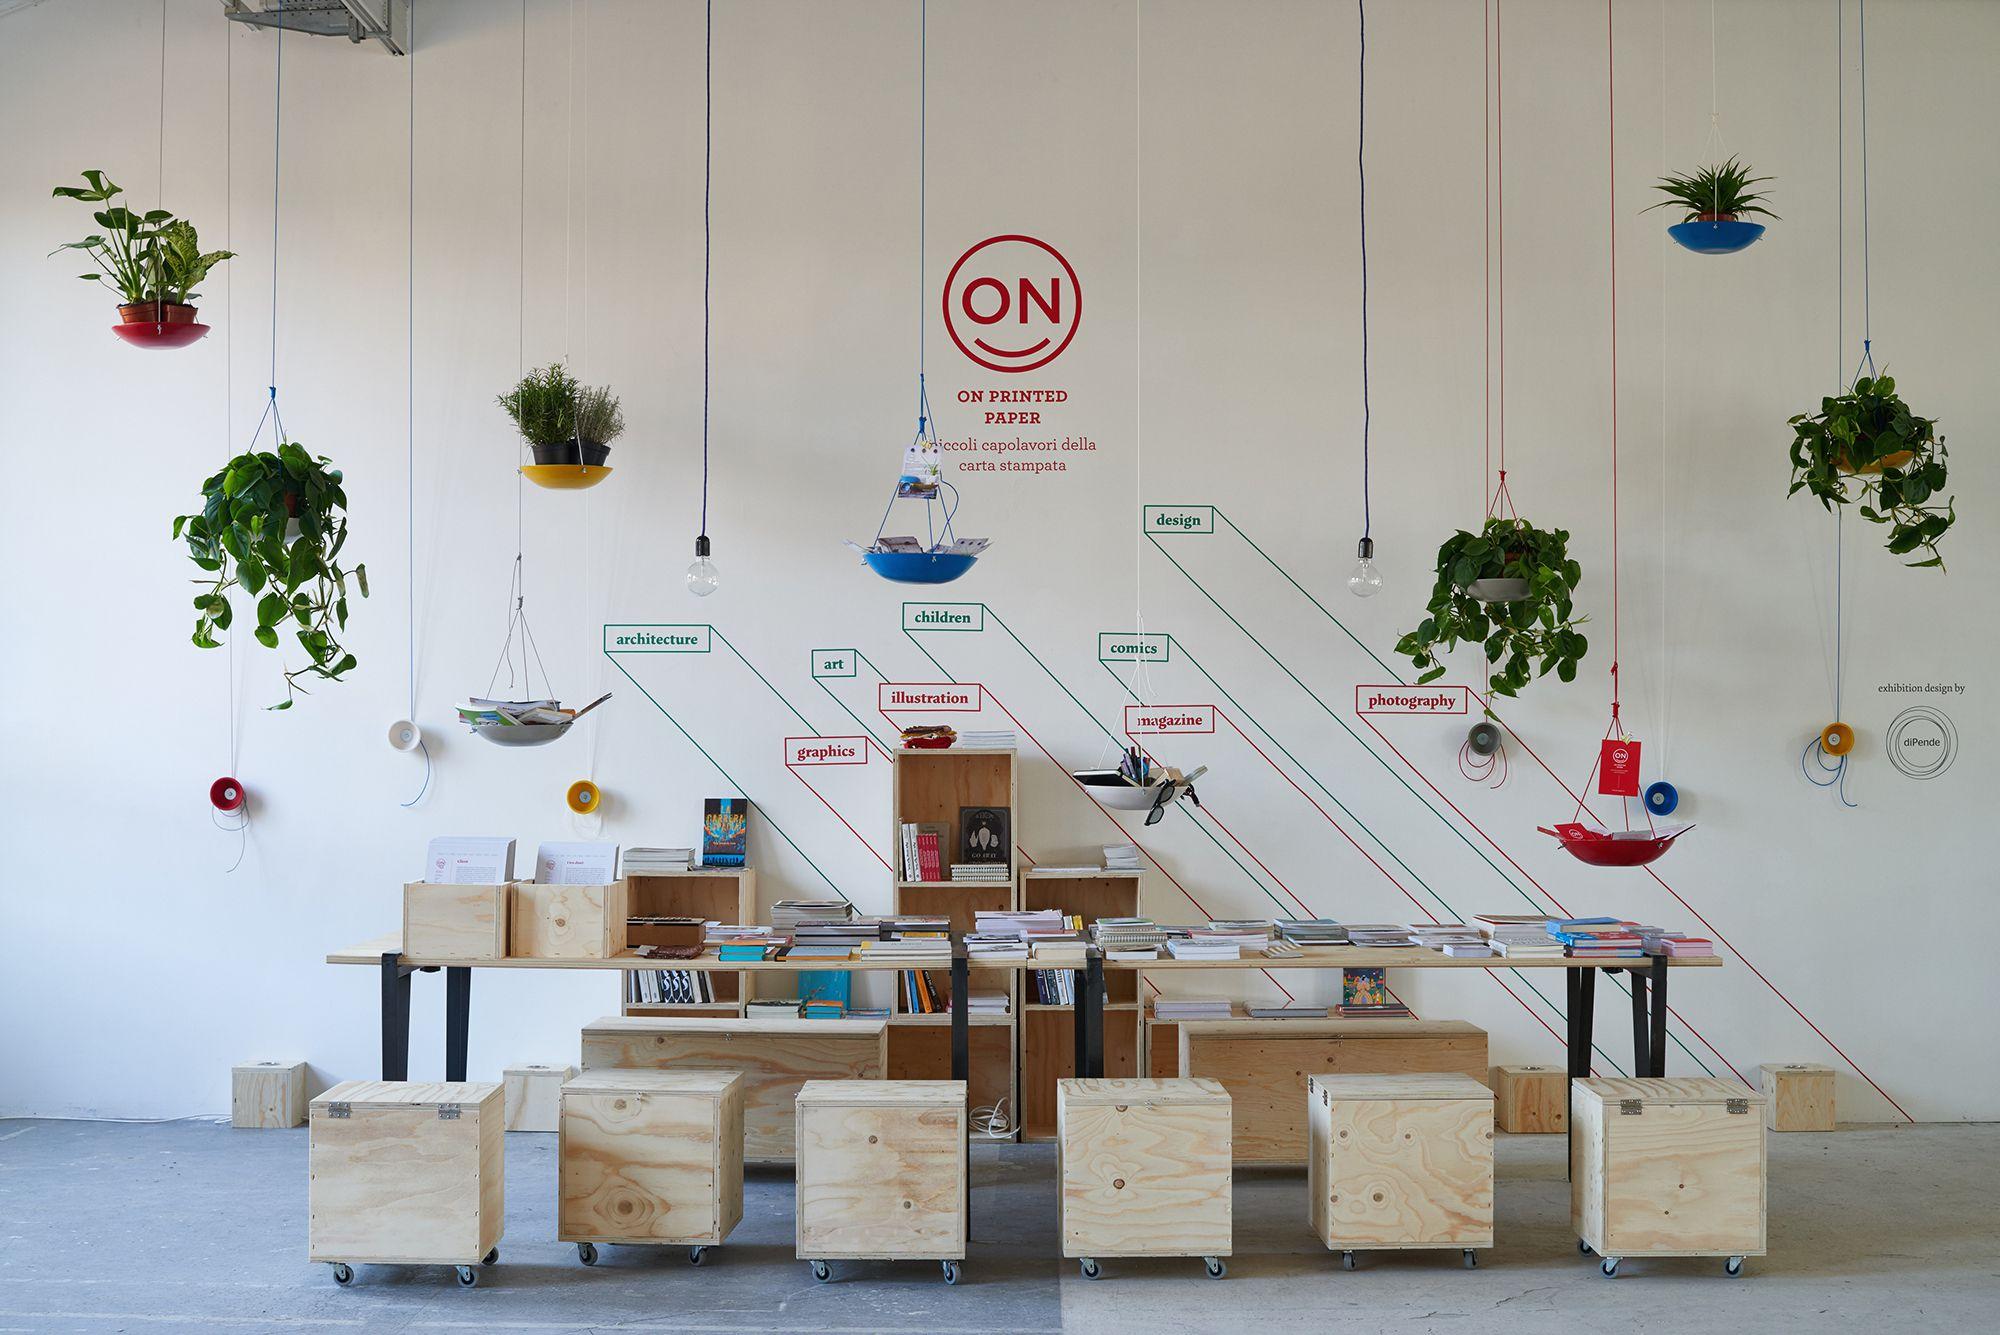 Salone del mobile a milano la grande festa del design for Design milano eventi